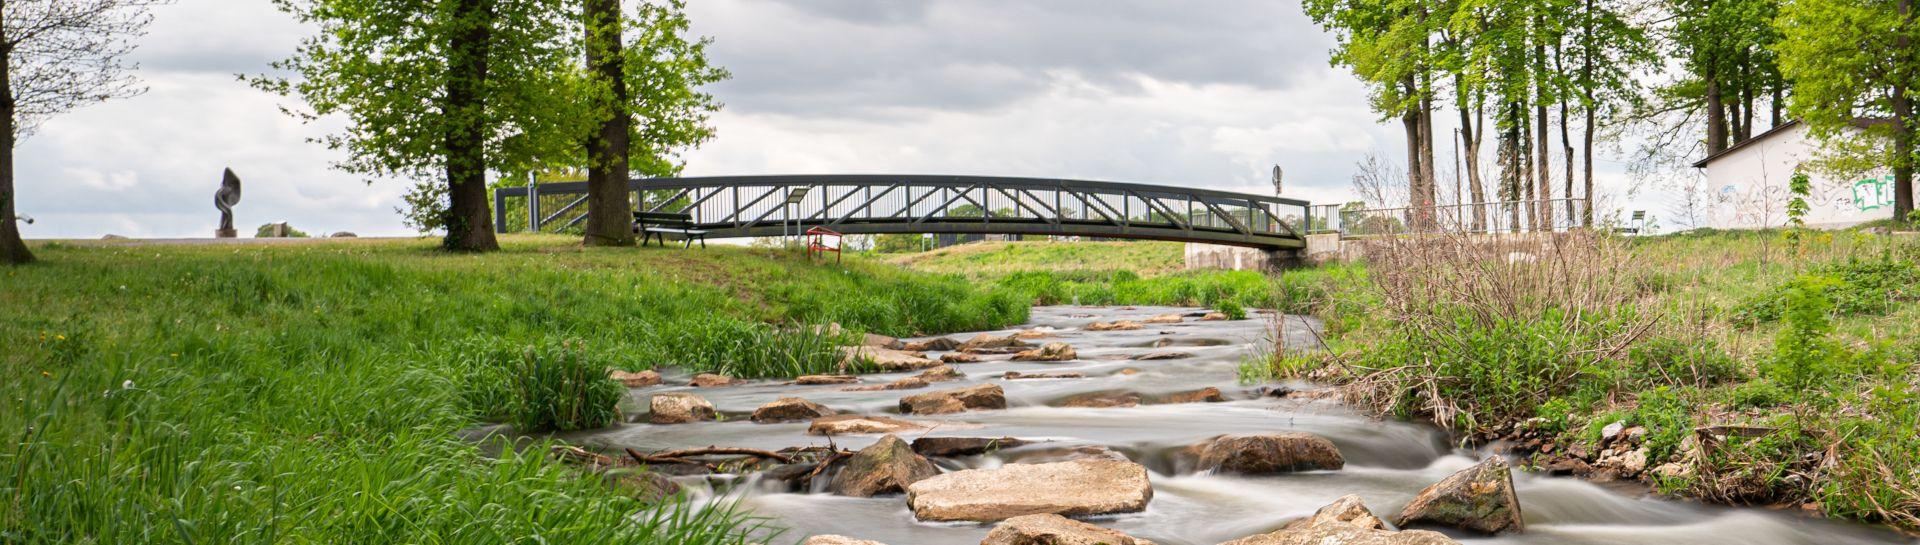 Blick auf die Brücke über die Sohlegleite in Quakenbrueck